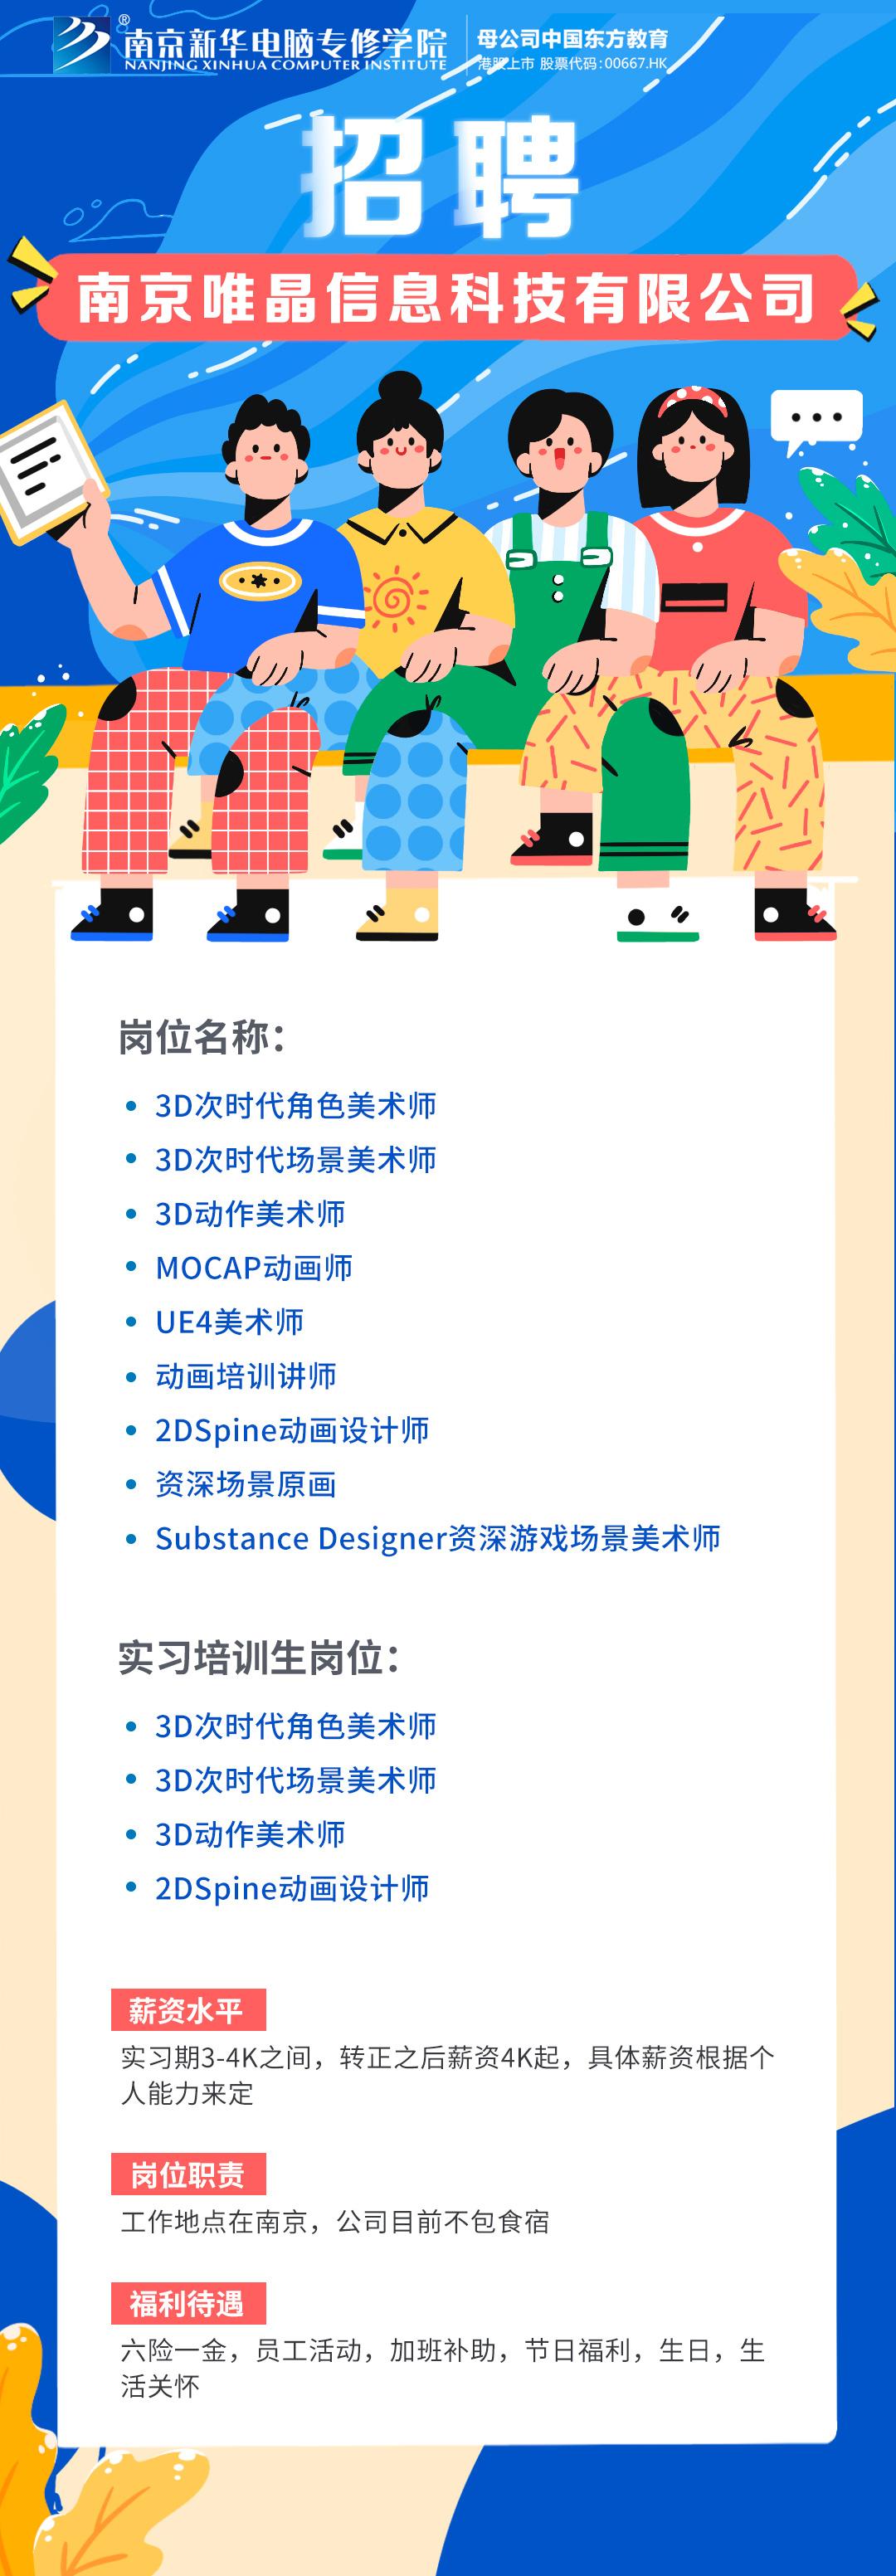 校园招聘|南京唯晶信息科技有限公司